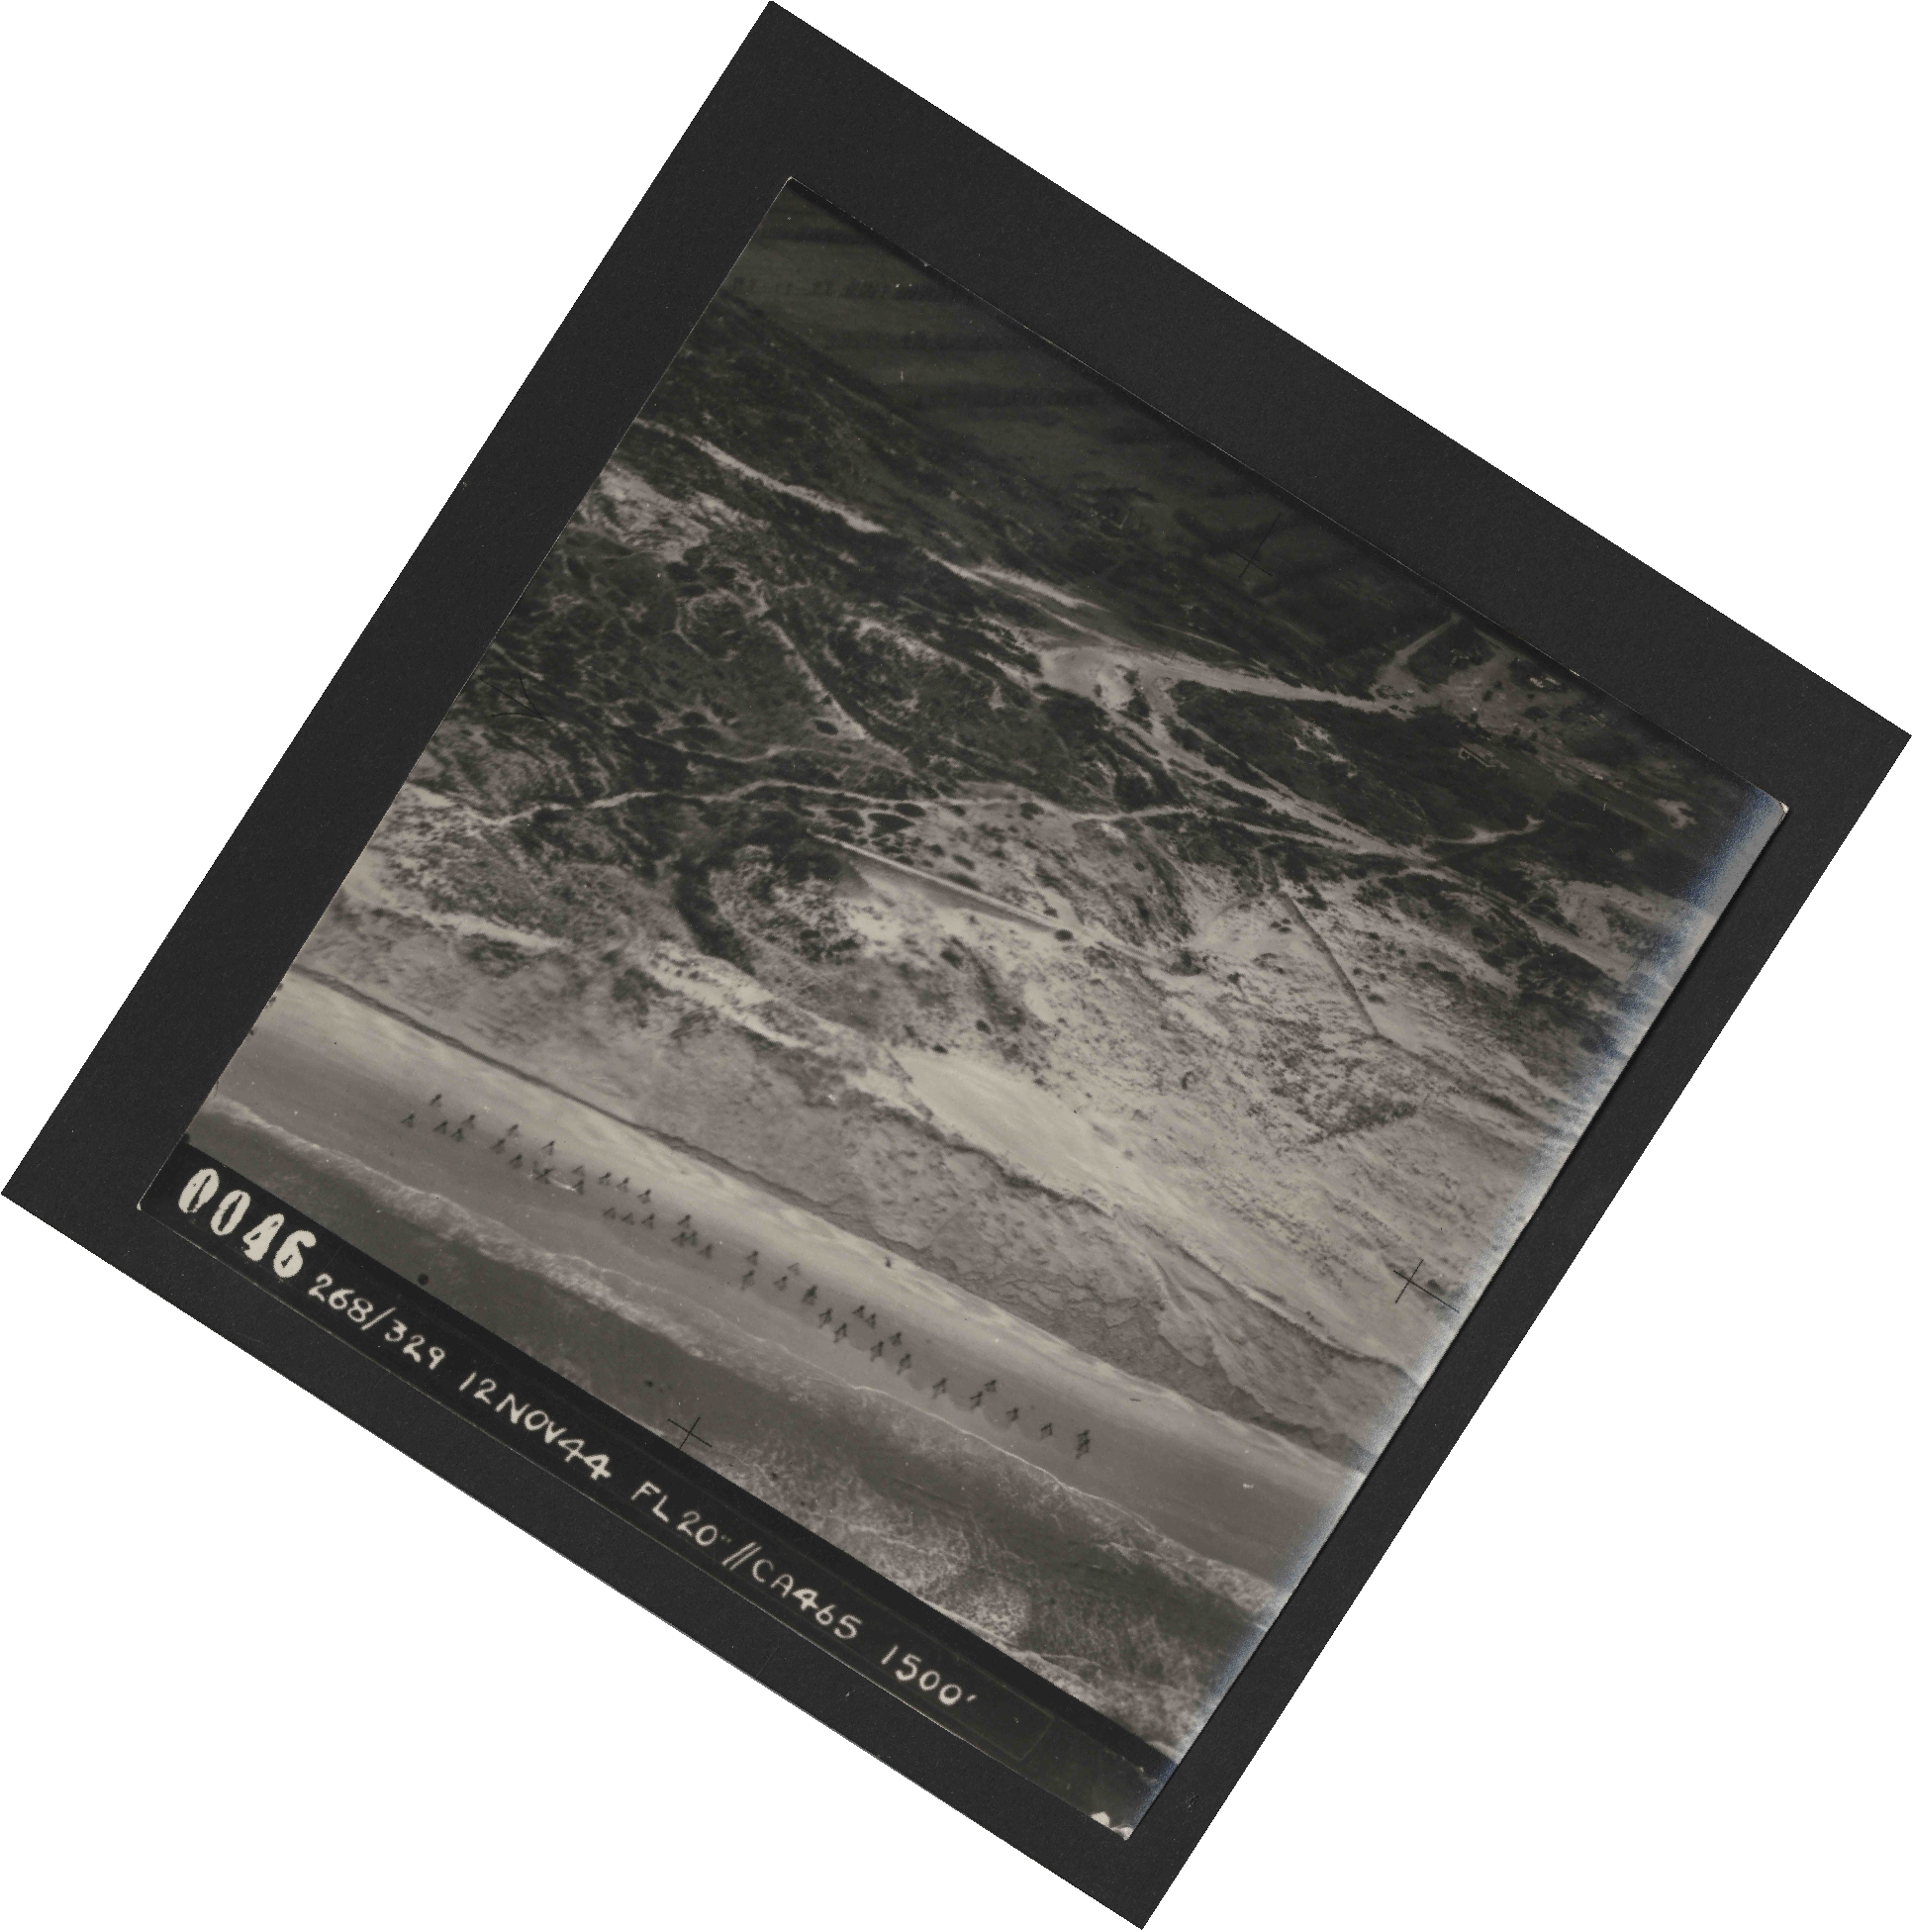 Collection RAF aerial photos 1940-1945 - flight 553, run 01, photo 0046